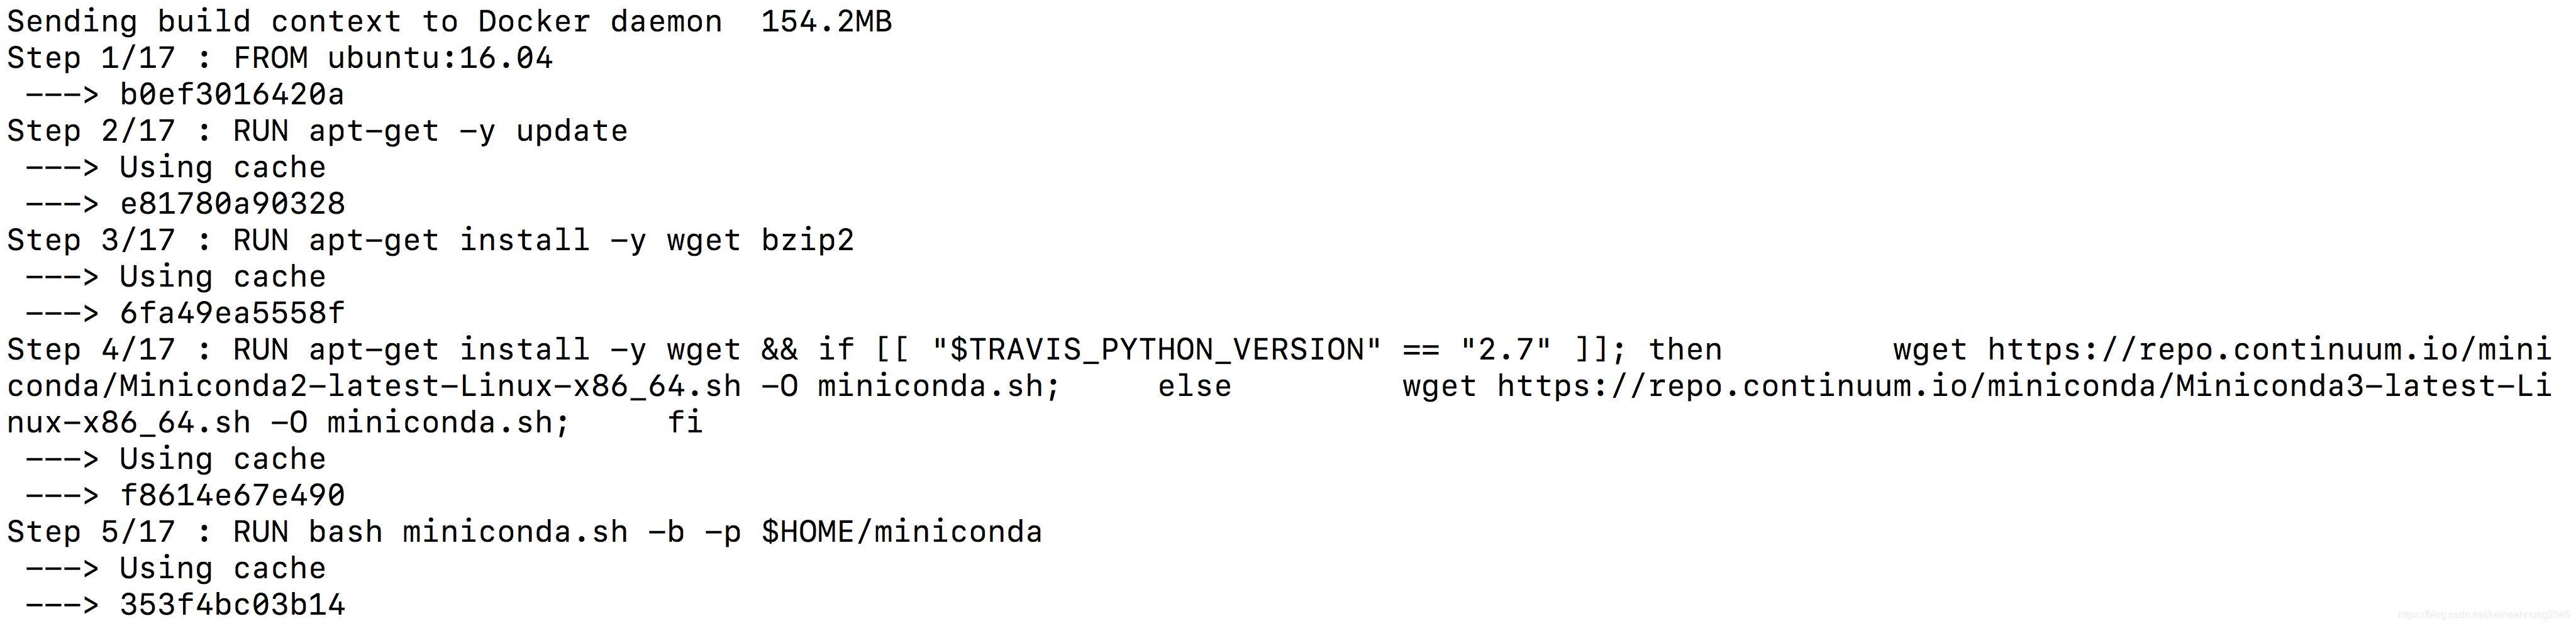 Error response from daemon: Dockerfile parse error line 11: unknown